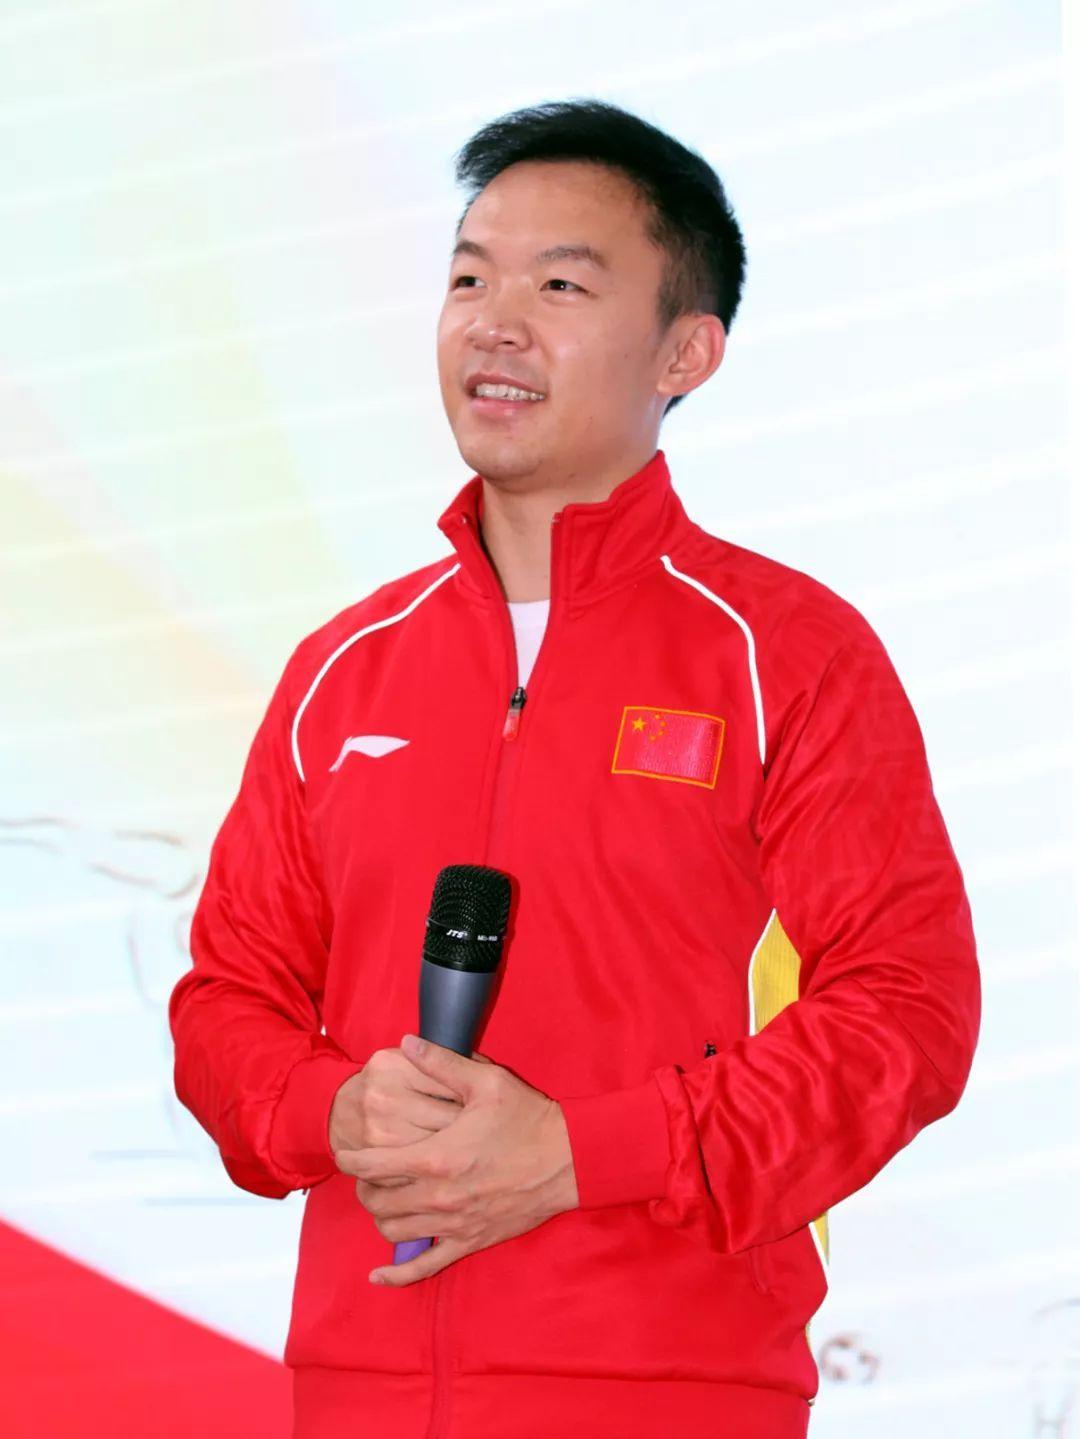 2019冠军健康行新闻发布会4奥运冠军之郭伟阳、宋妮娜